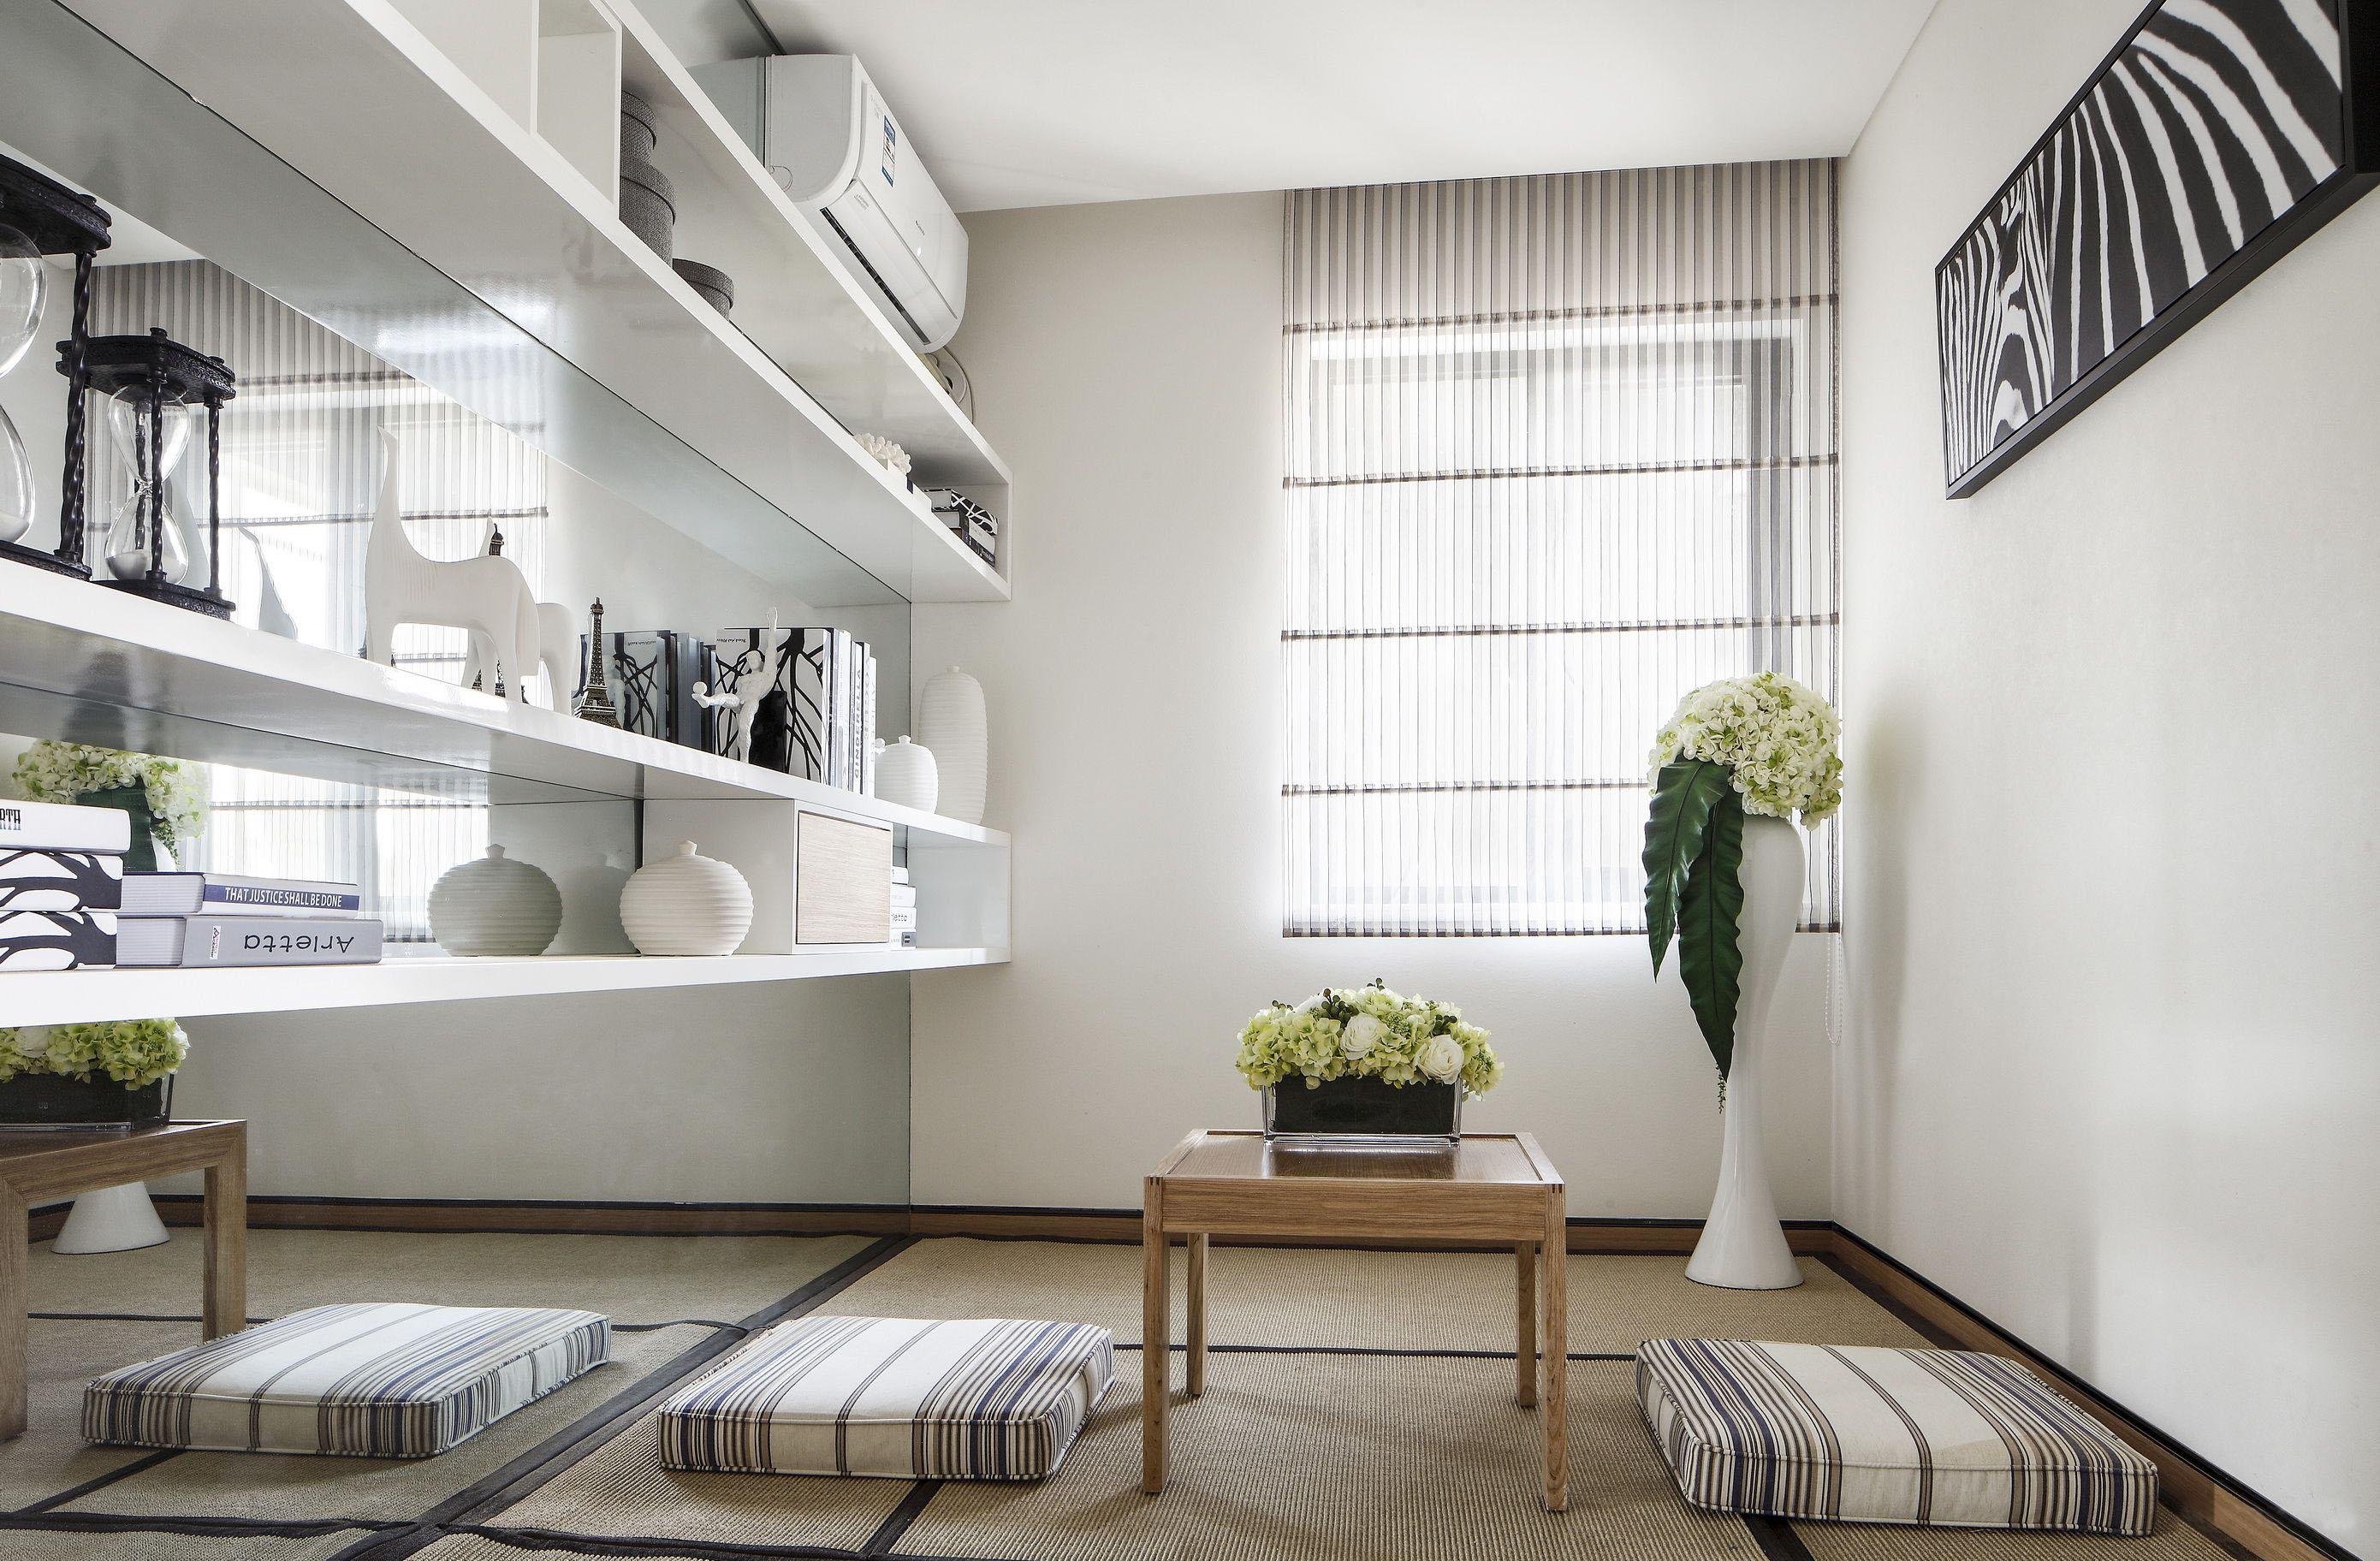 现代风格两居榻榻米休闲室装修效果图